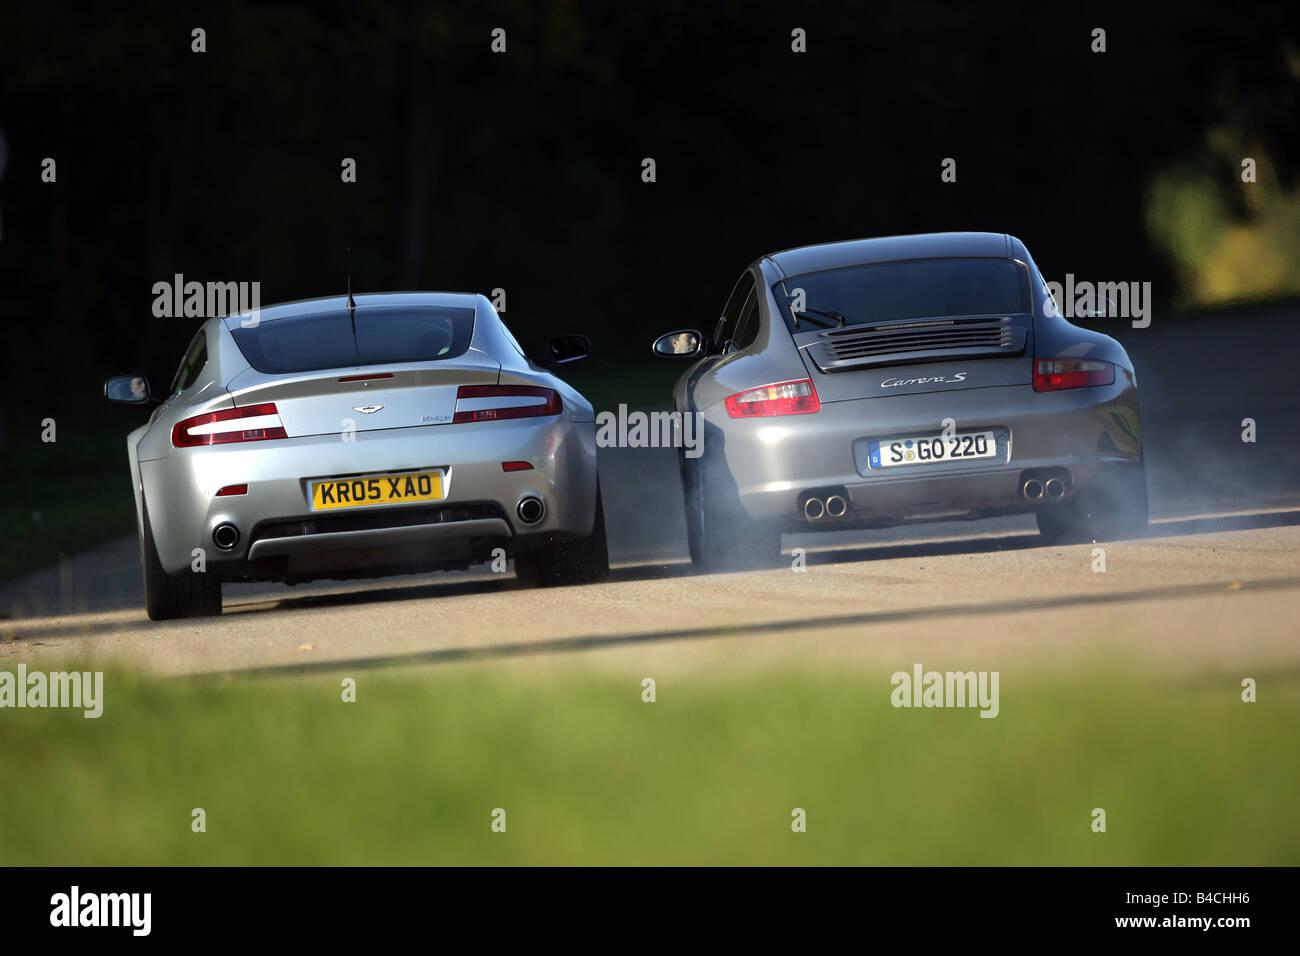 Aston Martin V8 Vantage Sports Stockfotos Und Bilder Kaufen Alamy